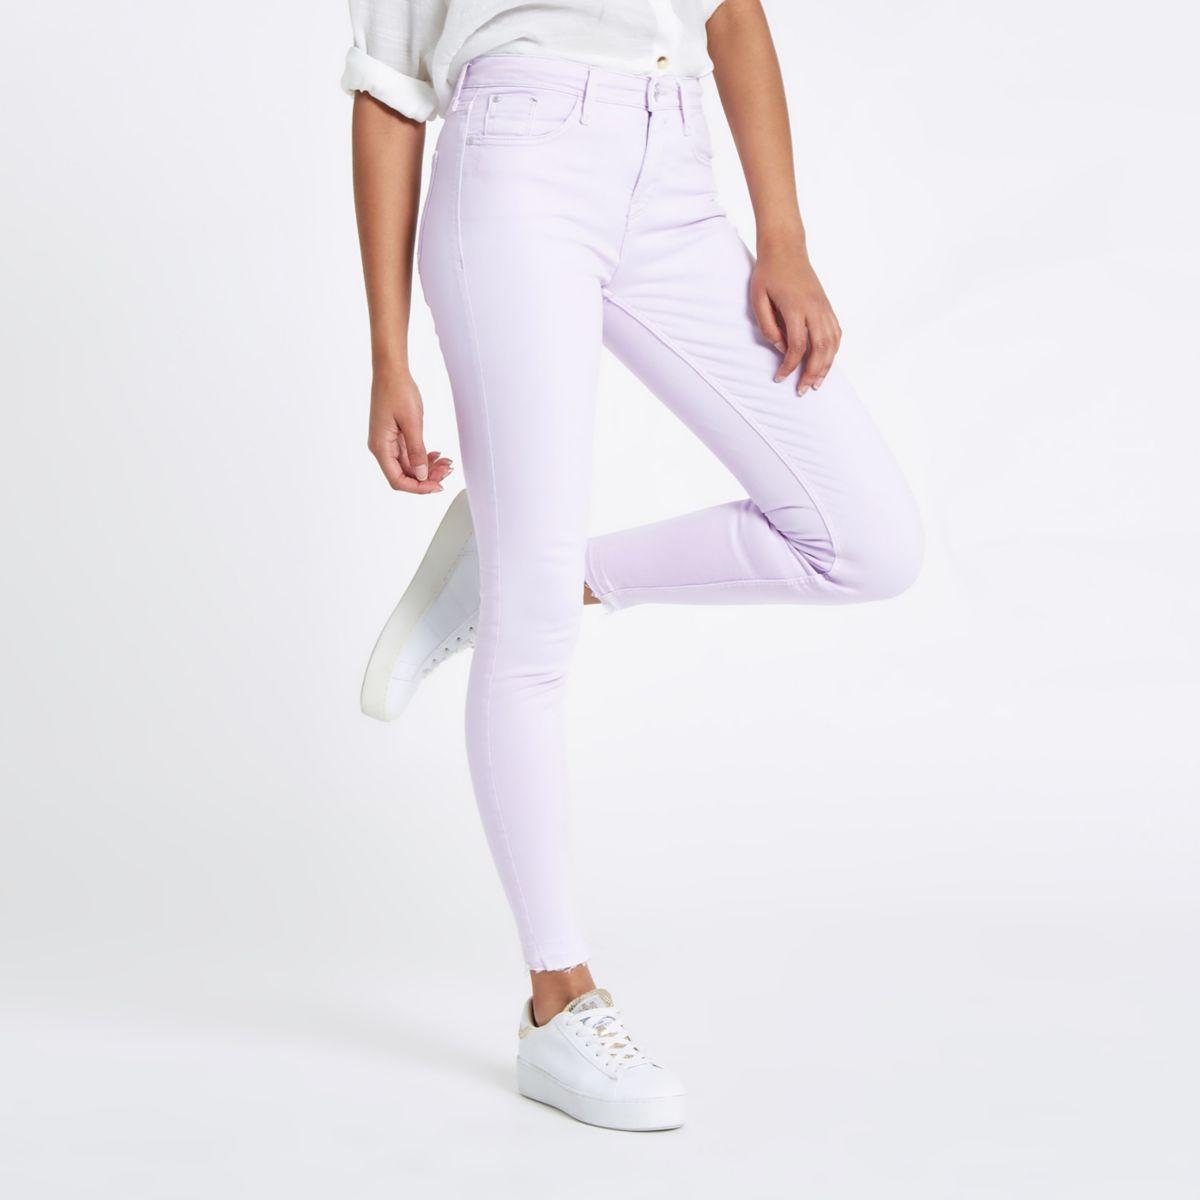 Amelie - Jean super skinny violet à ourlet effilochéRiver Island dSJg3W9K